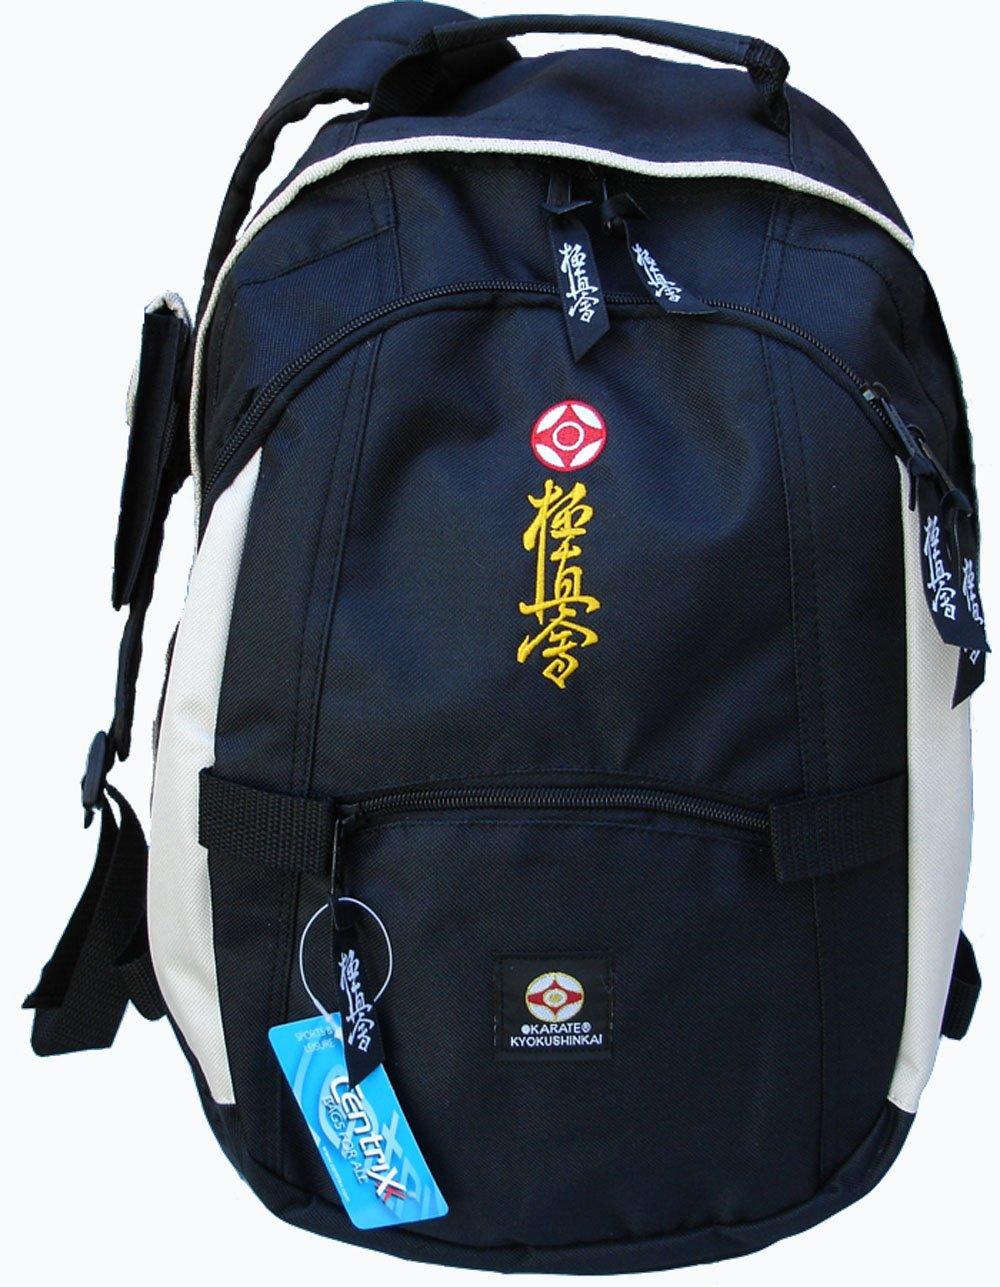 Kyokushin Karate Backpack,Kyokushinkai,Oyama,Budo